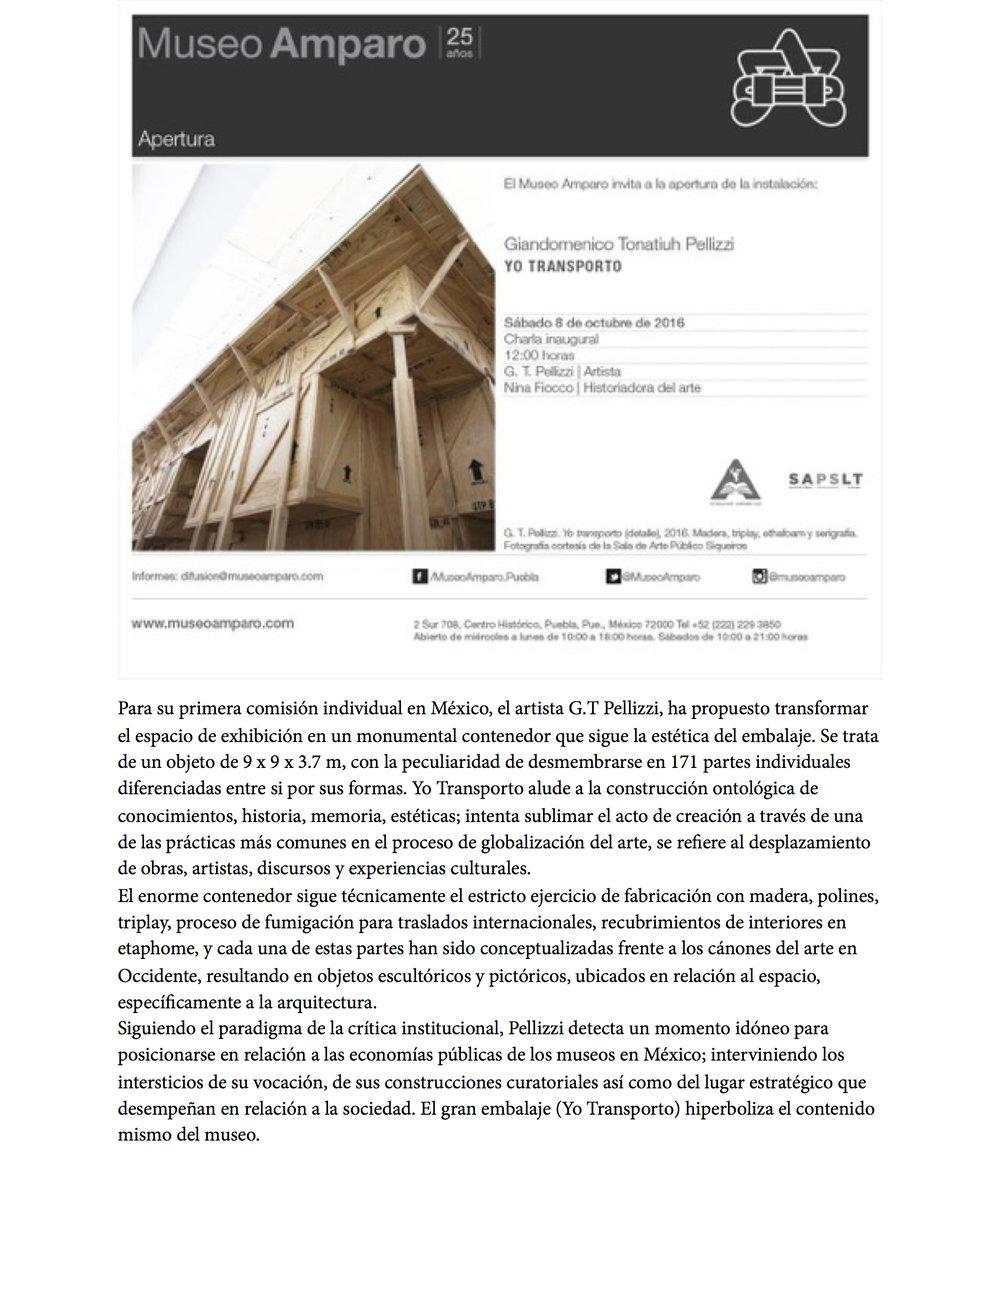 amparo press release.jpg